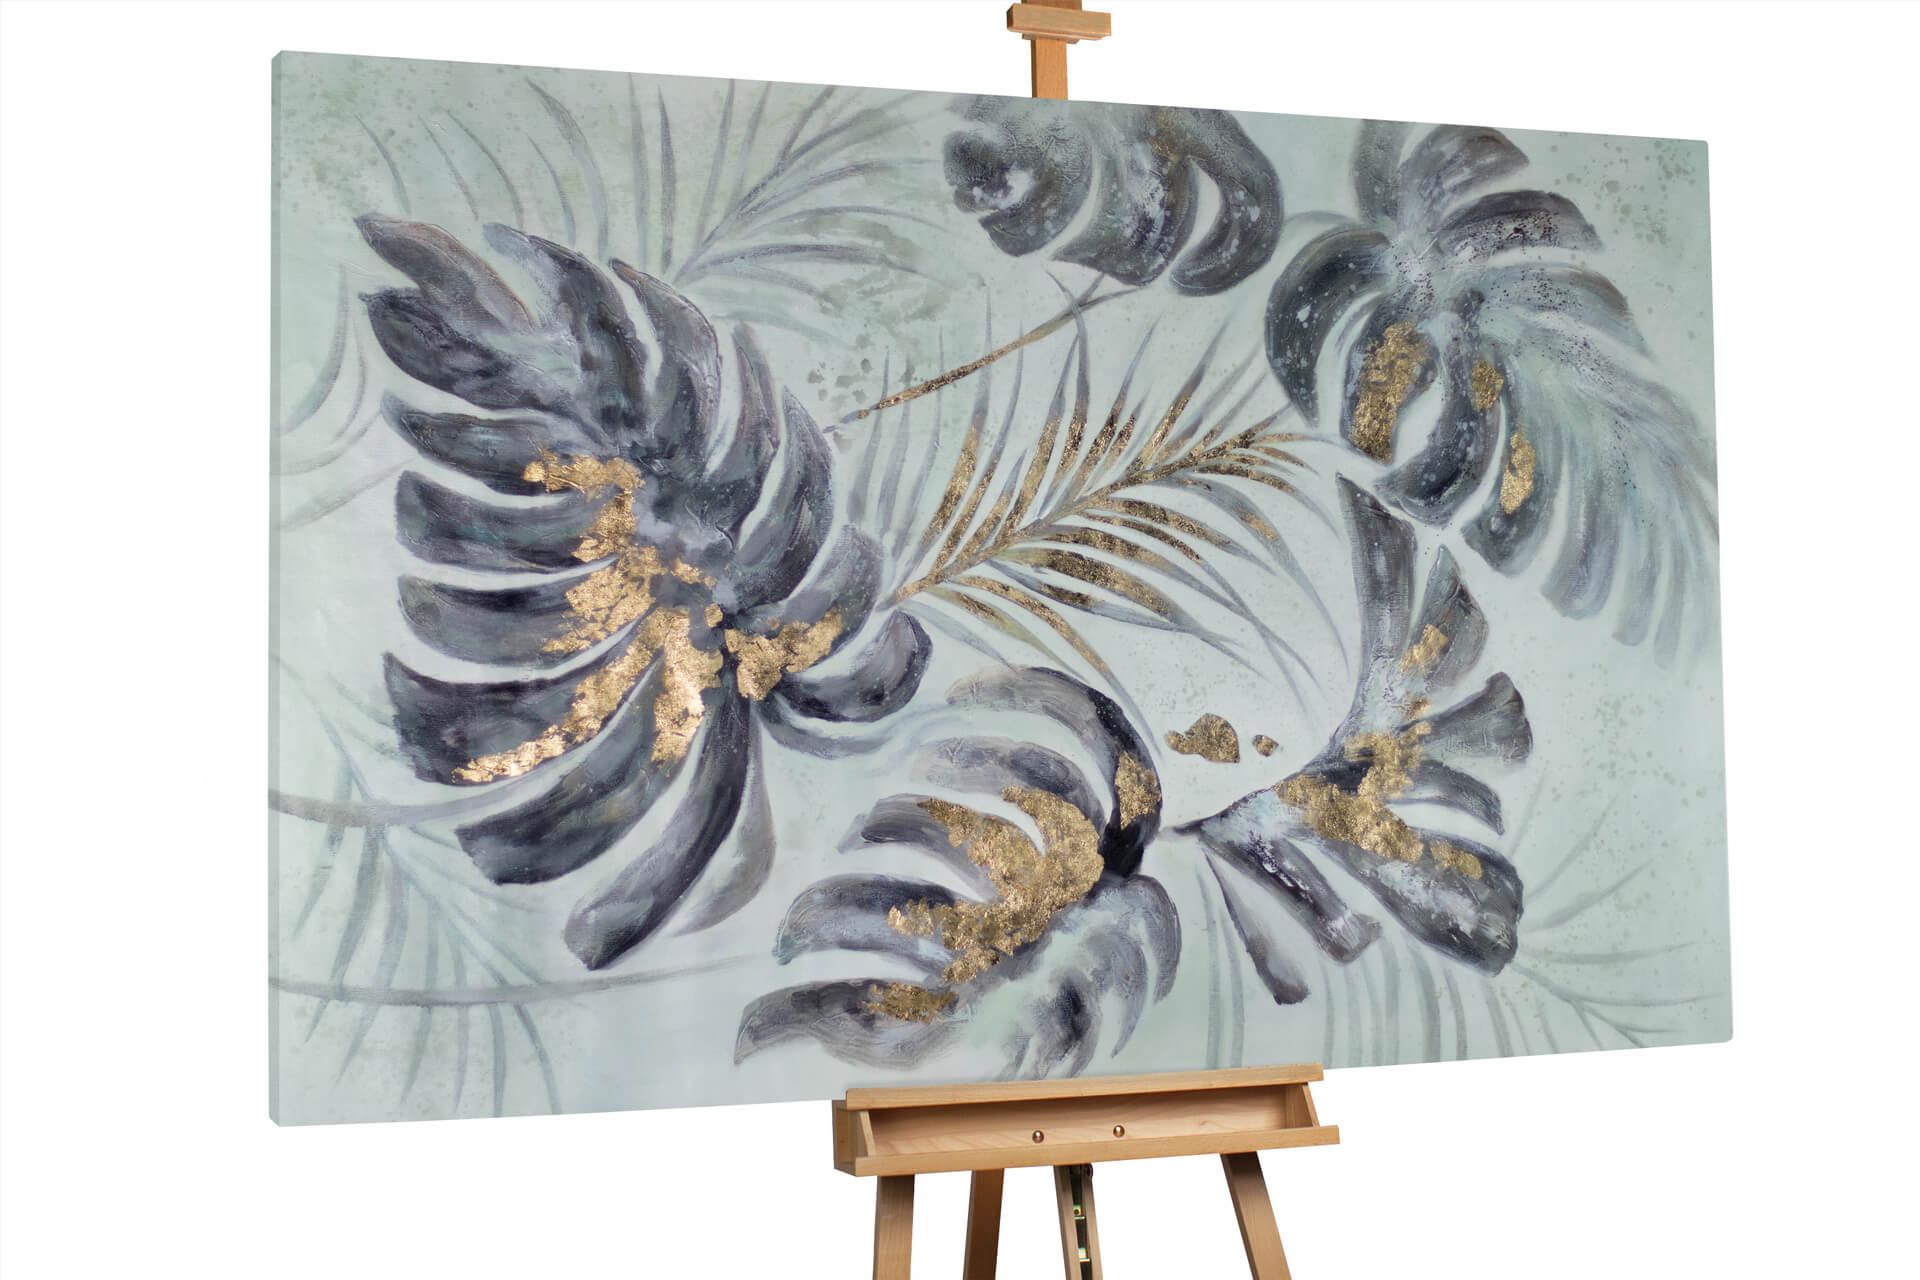 kl palme blaetter gold grau modern acryl gemaelde oel bild 0001 02